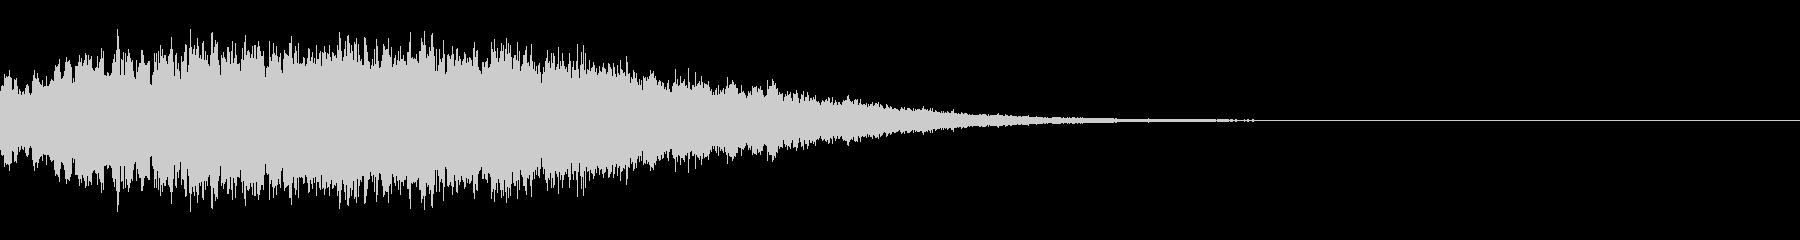 ホラー系の不気味な音(ノイズ有り)1の未再生の波形